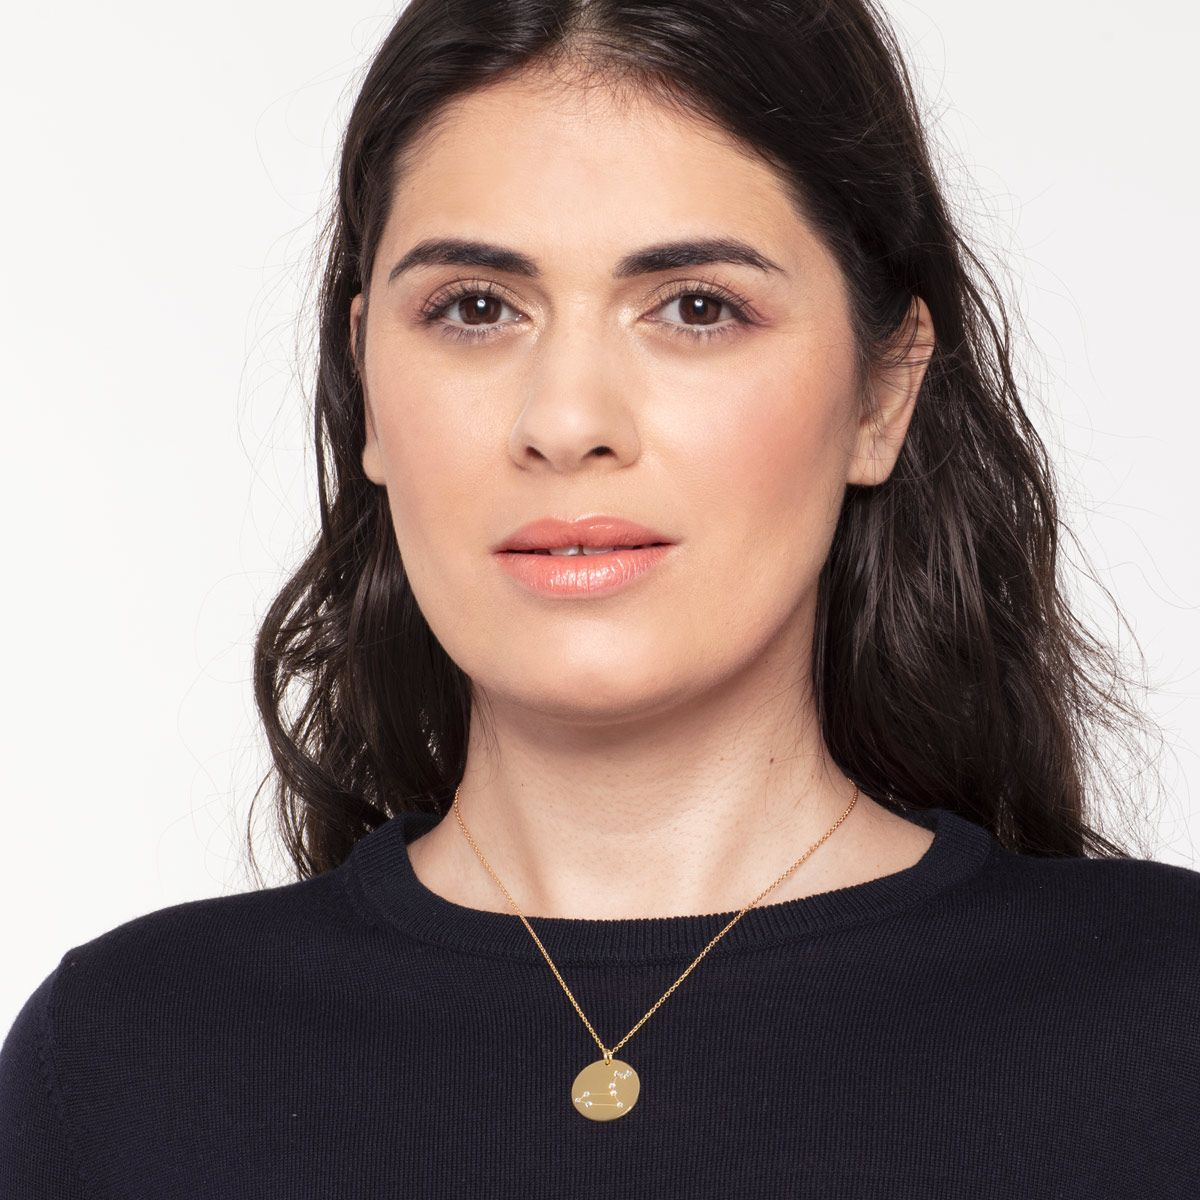 Cara - Halsketten - 18k vergoldet